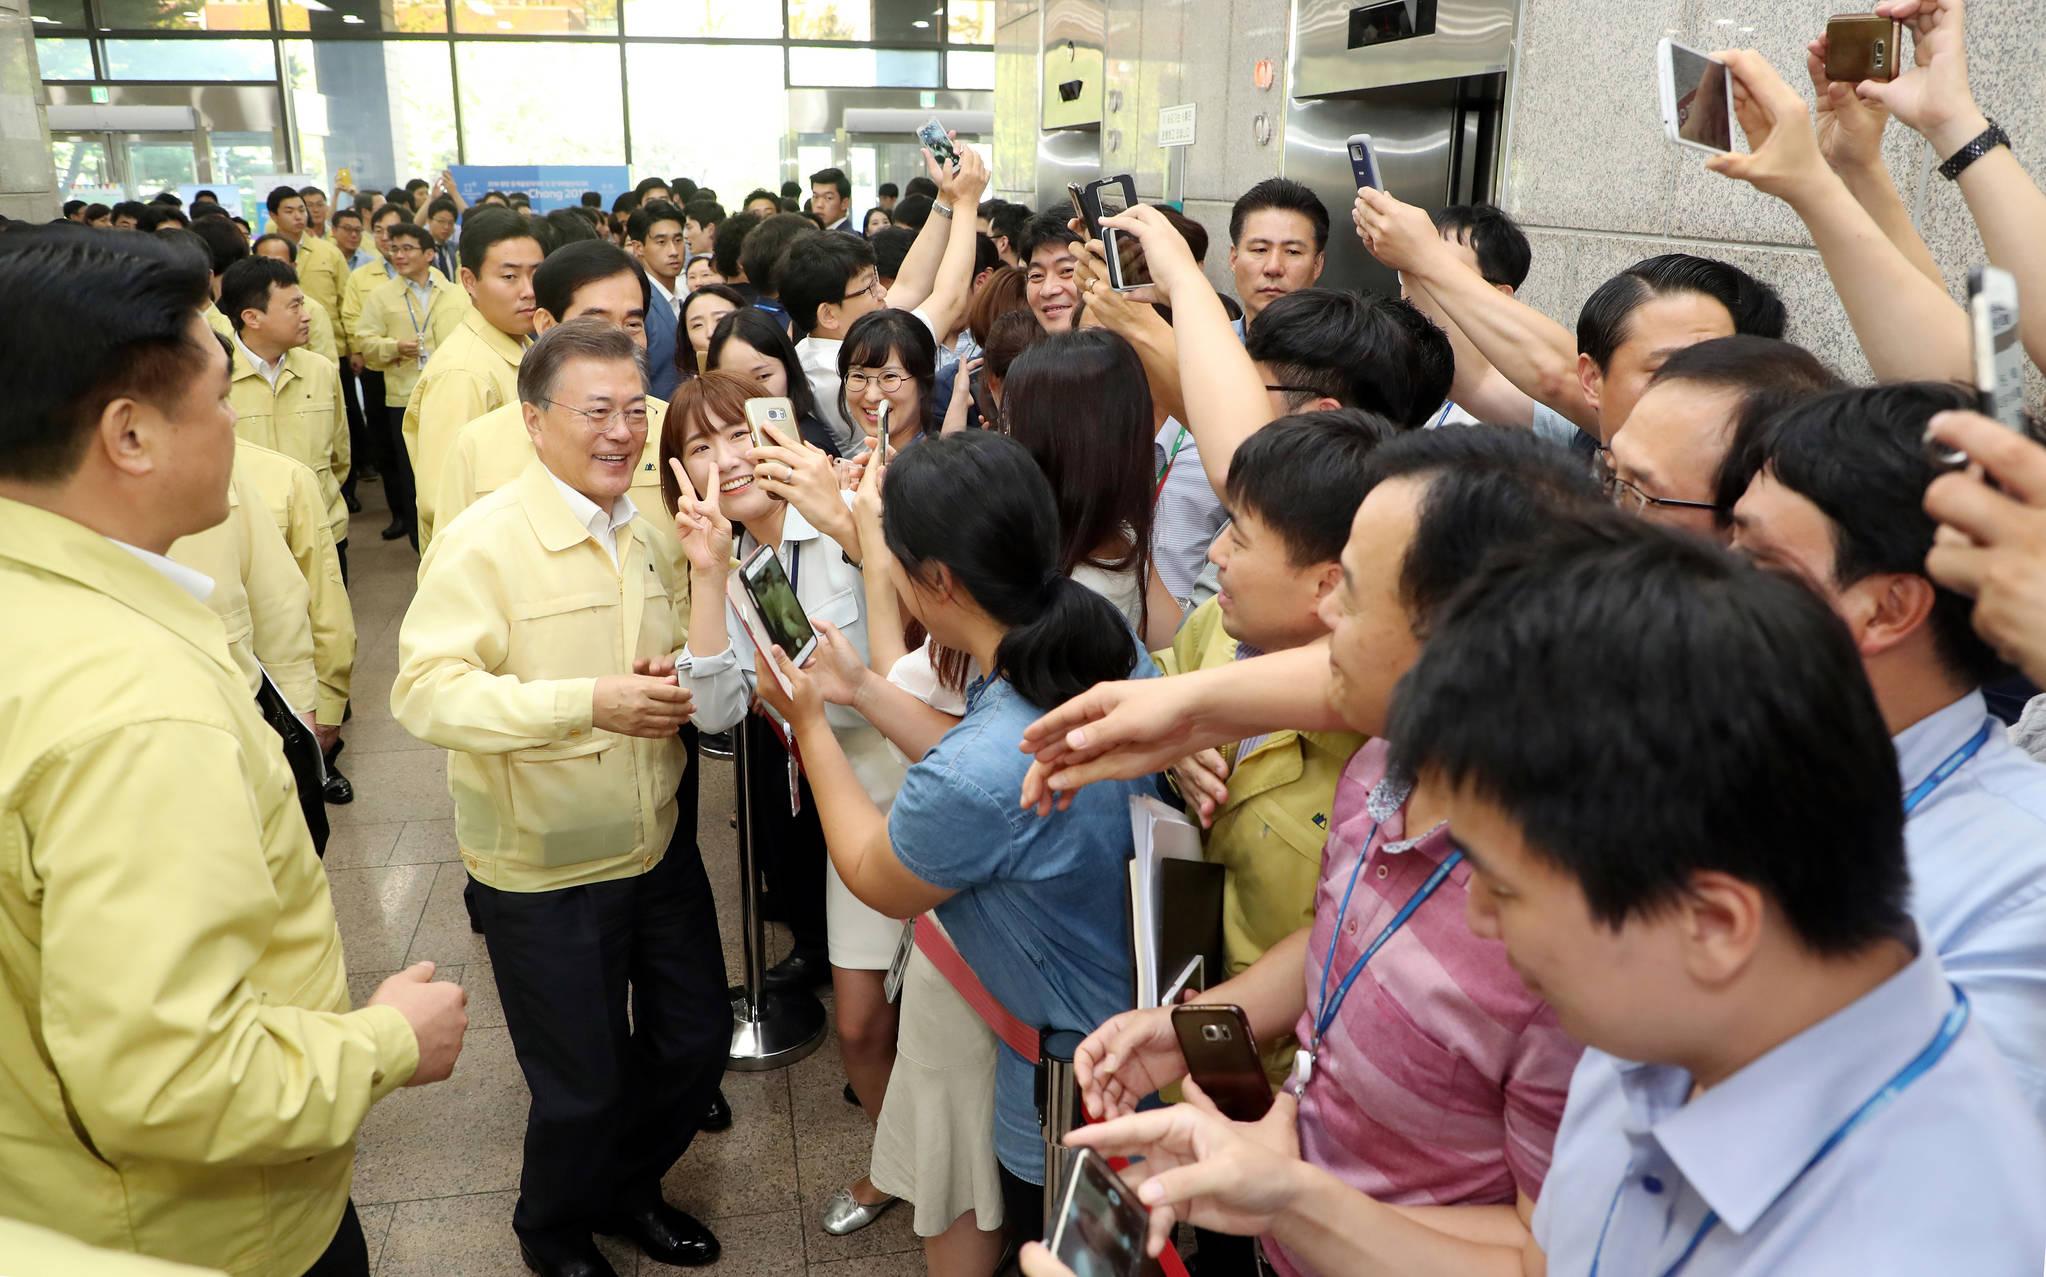 문재인 대통령이 지난해 8월 22일 오후 정부 과천청사에서 열린 2017년 과학기술정보통신부와 방송통신위 업무보고를 마치고 나오며 관계 부처 직원들과 기념 사진을 찍고 있다. 김상선 기자